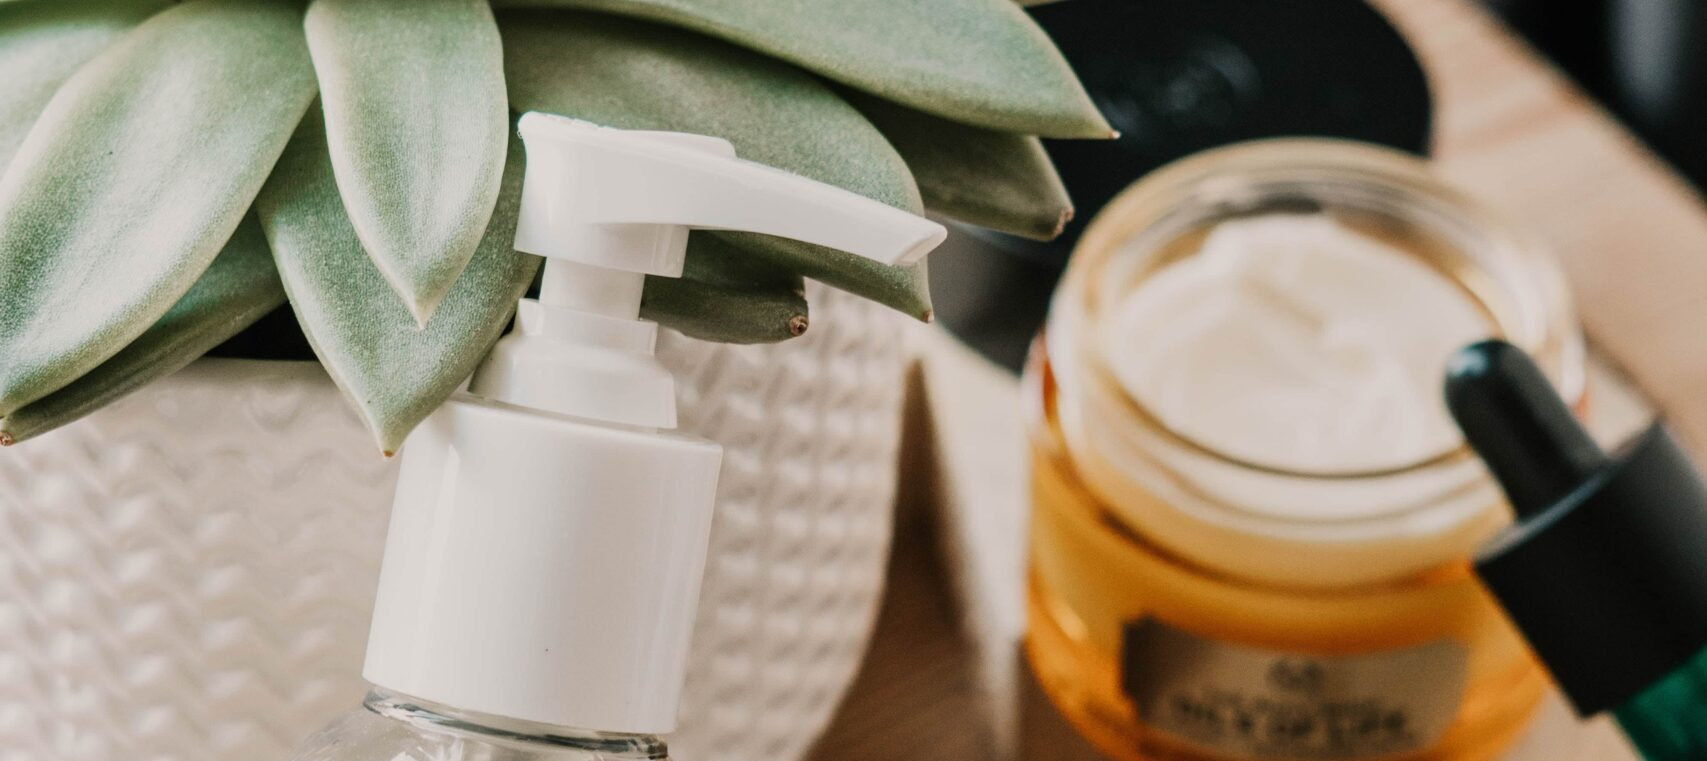 Cremas de aloe vera. Aloe vera y la depilación láser.